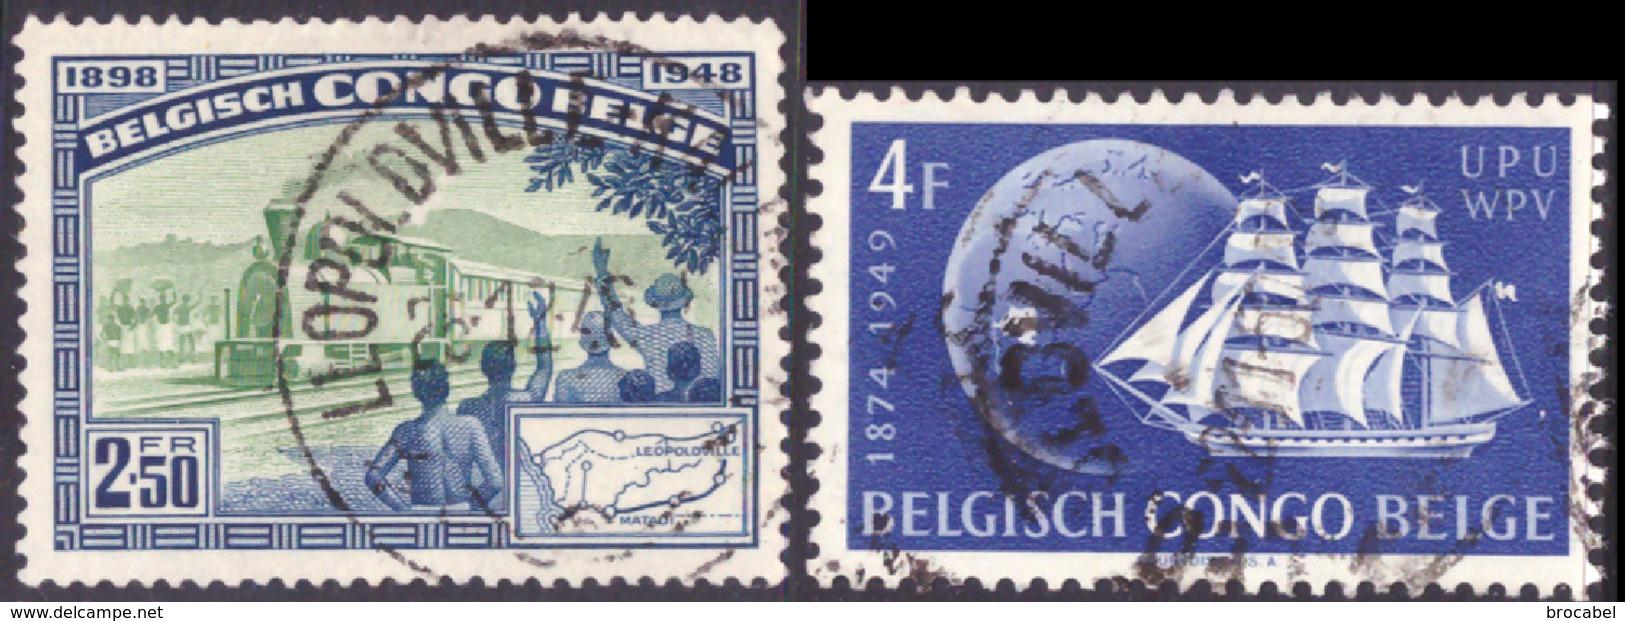 Congo 0296/97 (o) UPU - Chemin De Fer - Congo Belge